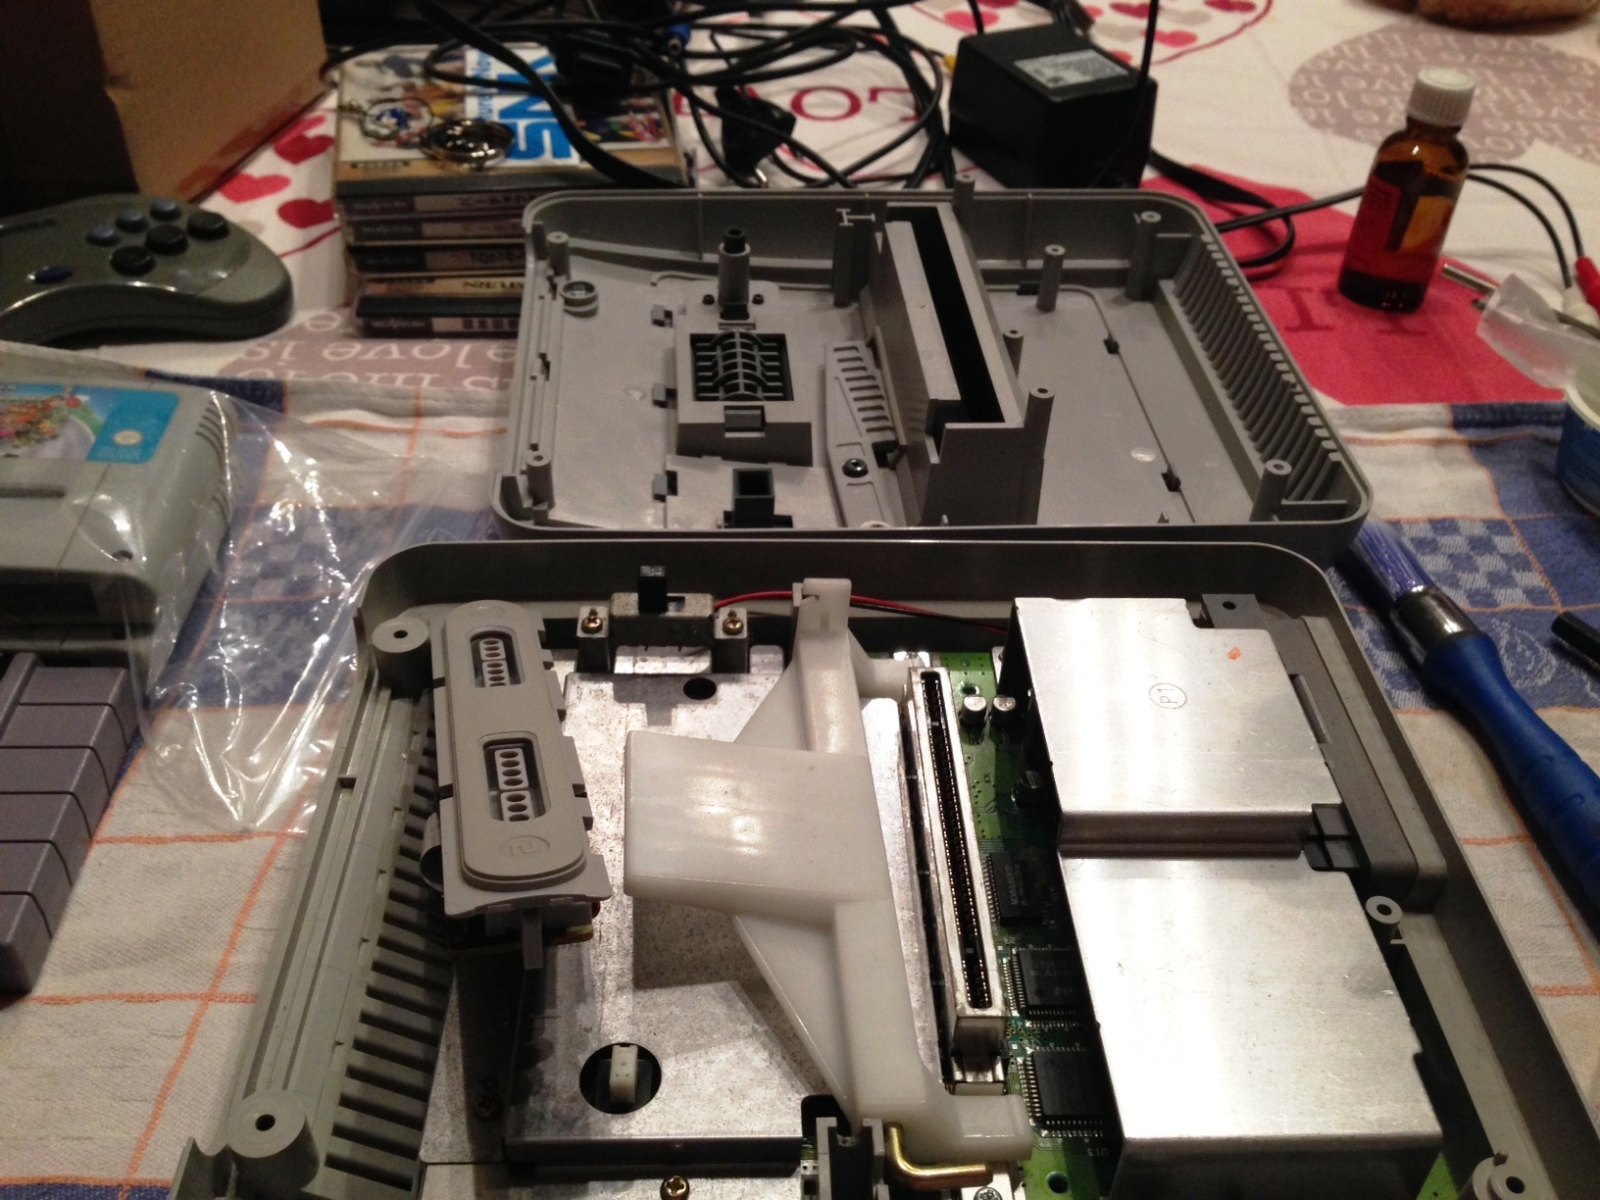 SNES - Super Nintendo en panne - plus d'image 2598hhw